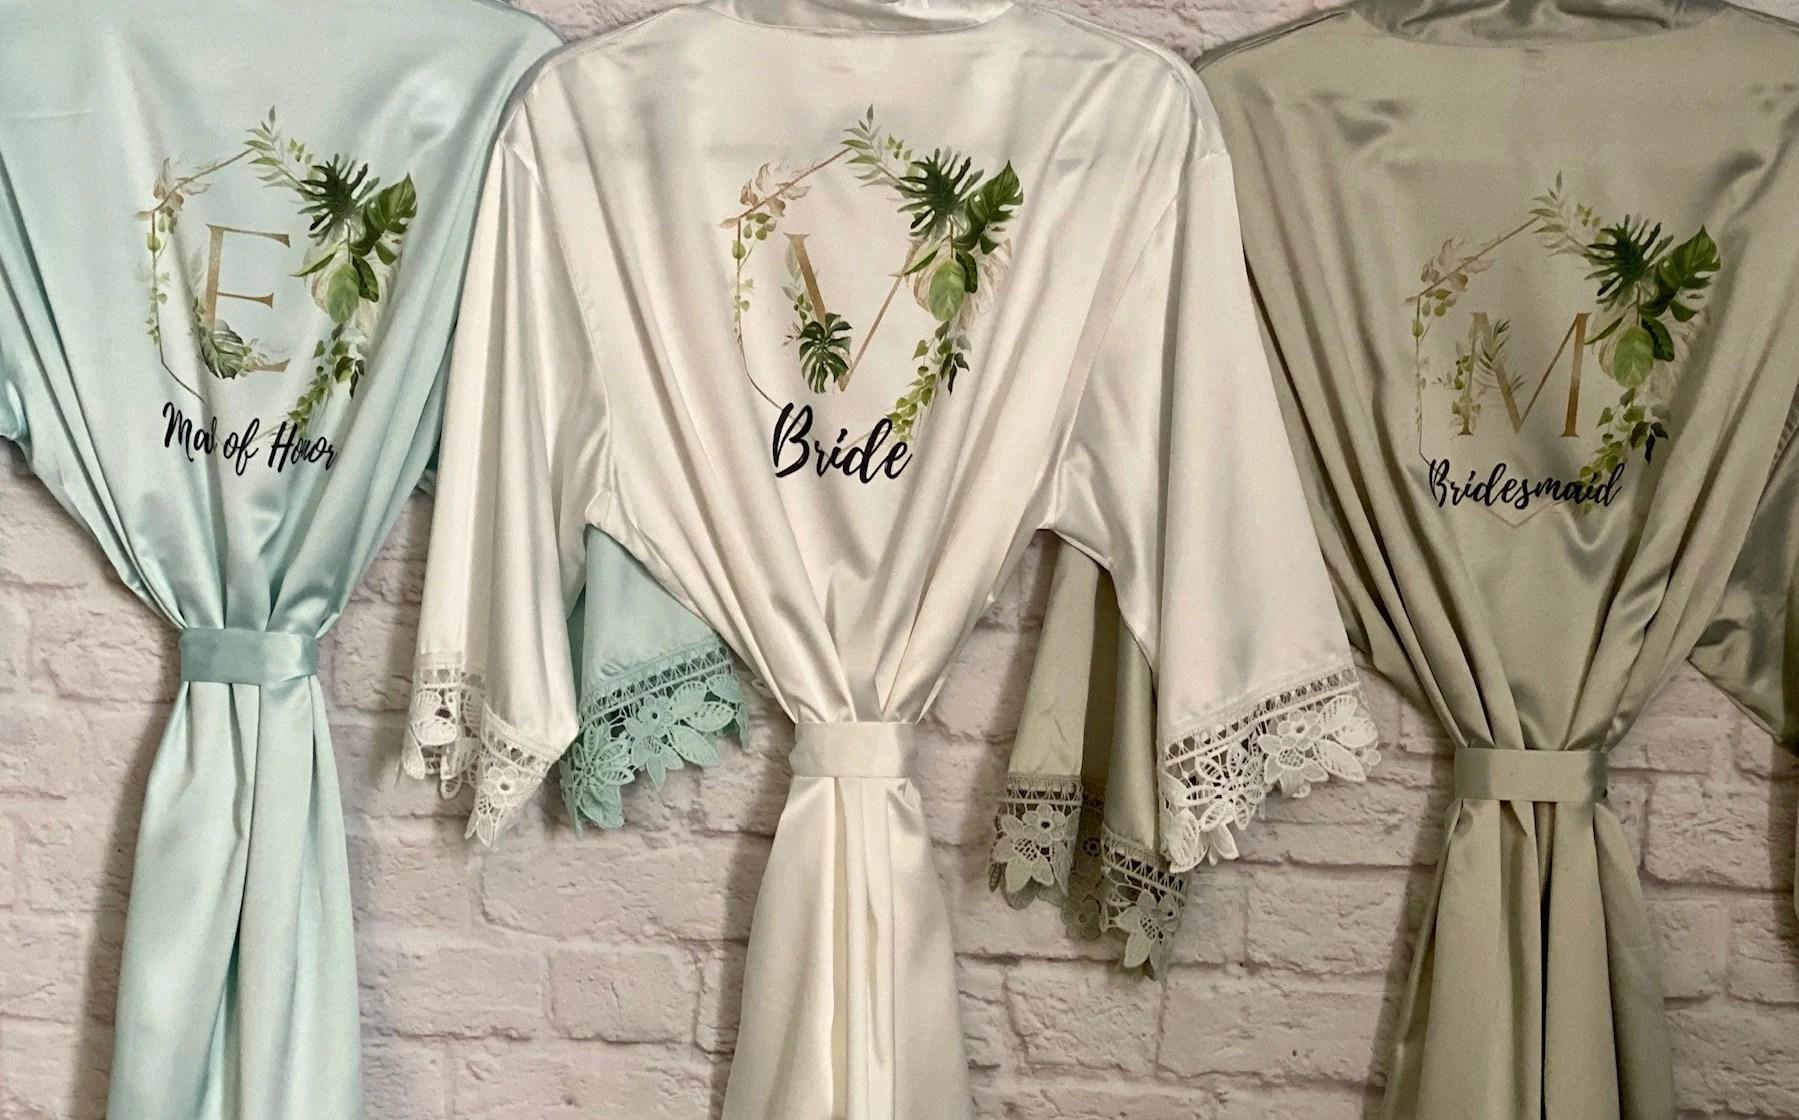 Tropical Wedding Bridal Robes  Bridesmaid Gifts Greenery image 1